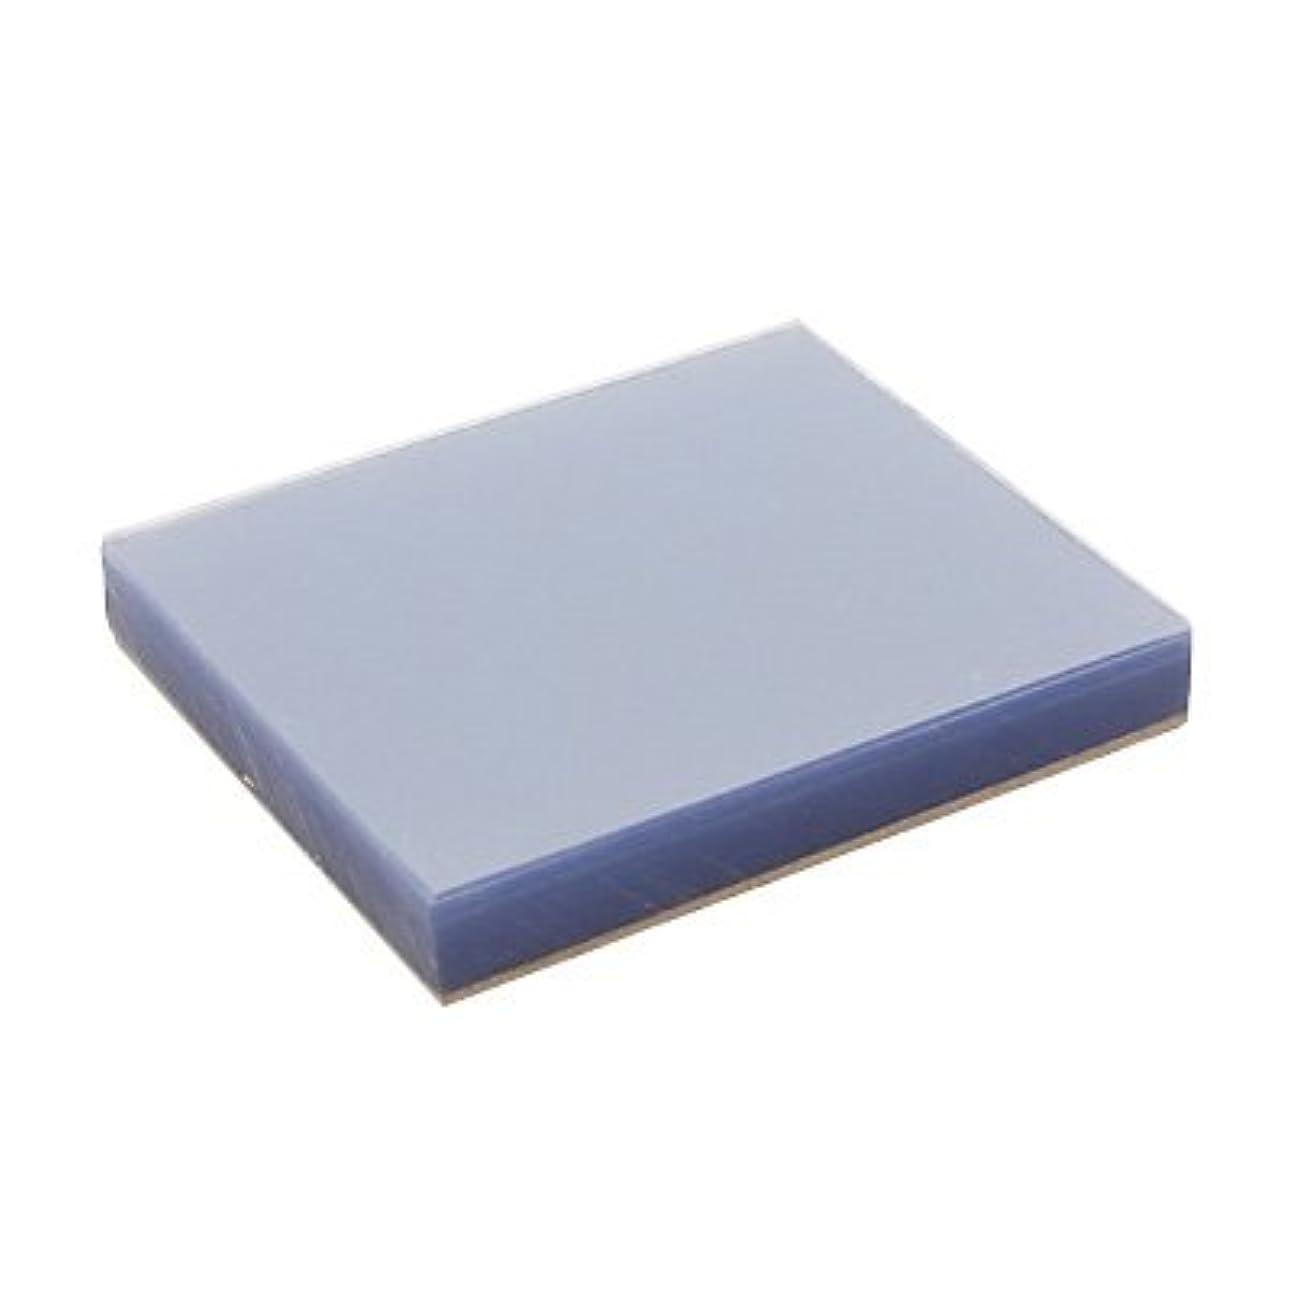 近似もつれ大胆不敵(ロータス)LOTUS 練板紙 PVC 100枚×3冊入 (ネイルパレット ミキシングペーパー 透明プラスチック素材 底面滑り止め付)